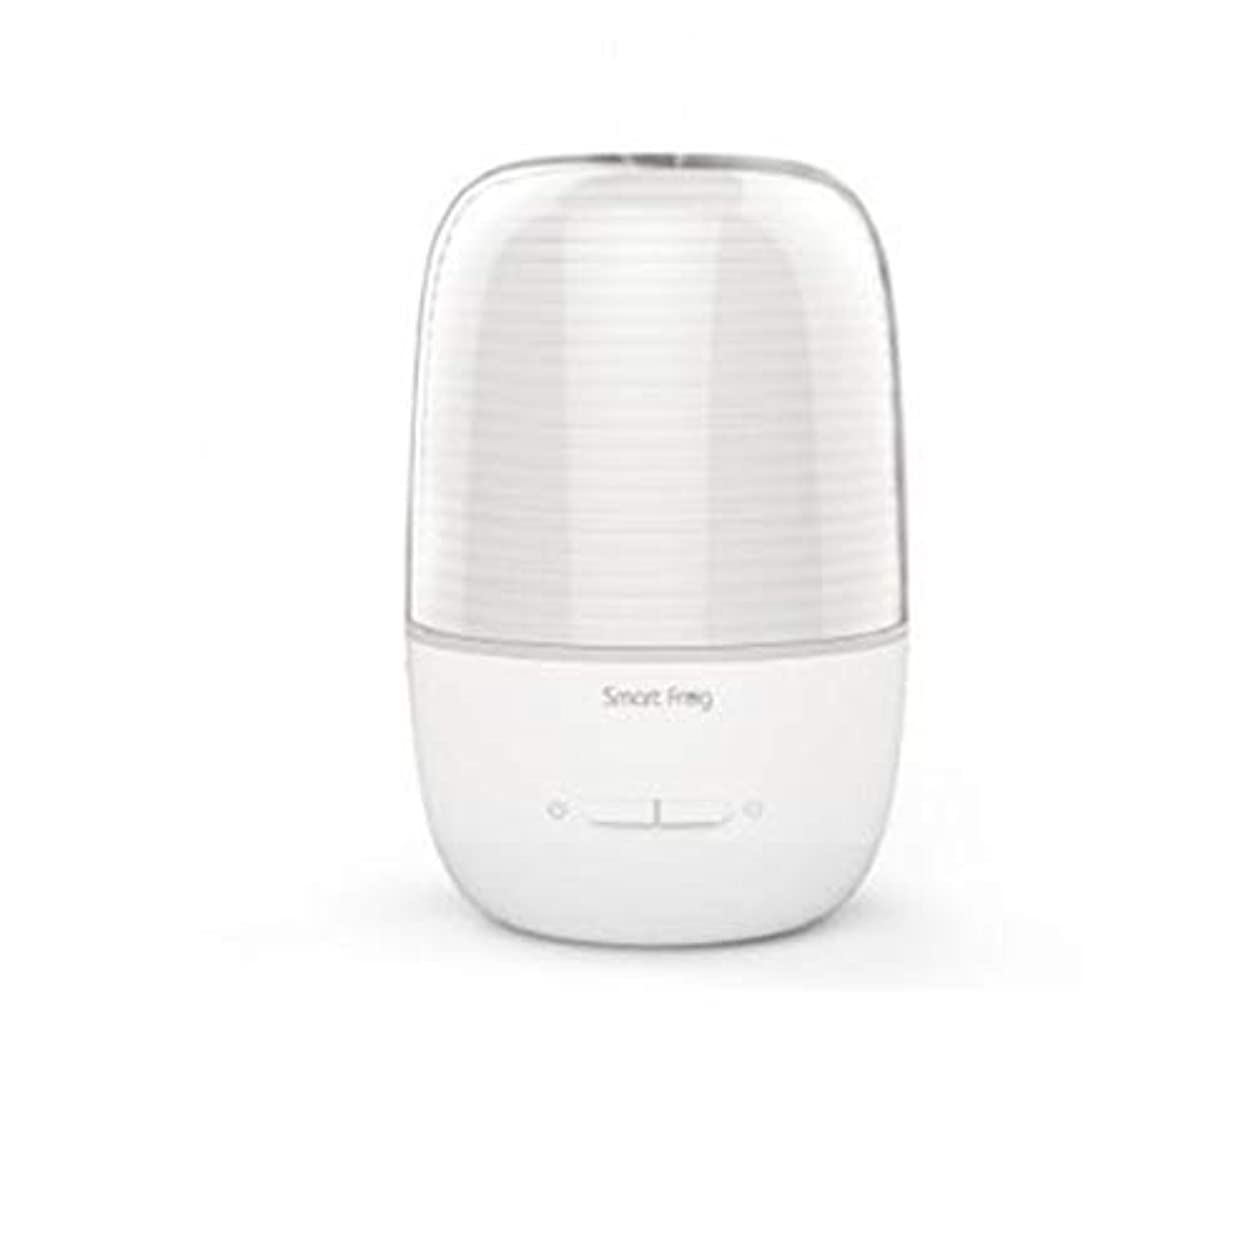 相互接続著作権性格130ml超音波冷たい霧の加湿器の変更家のヨガのオフィスの鉱泉の寝室の拡散器 (Color : White)